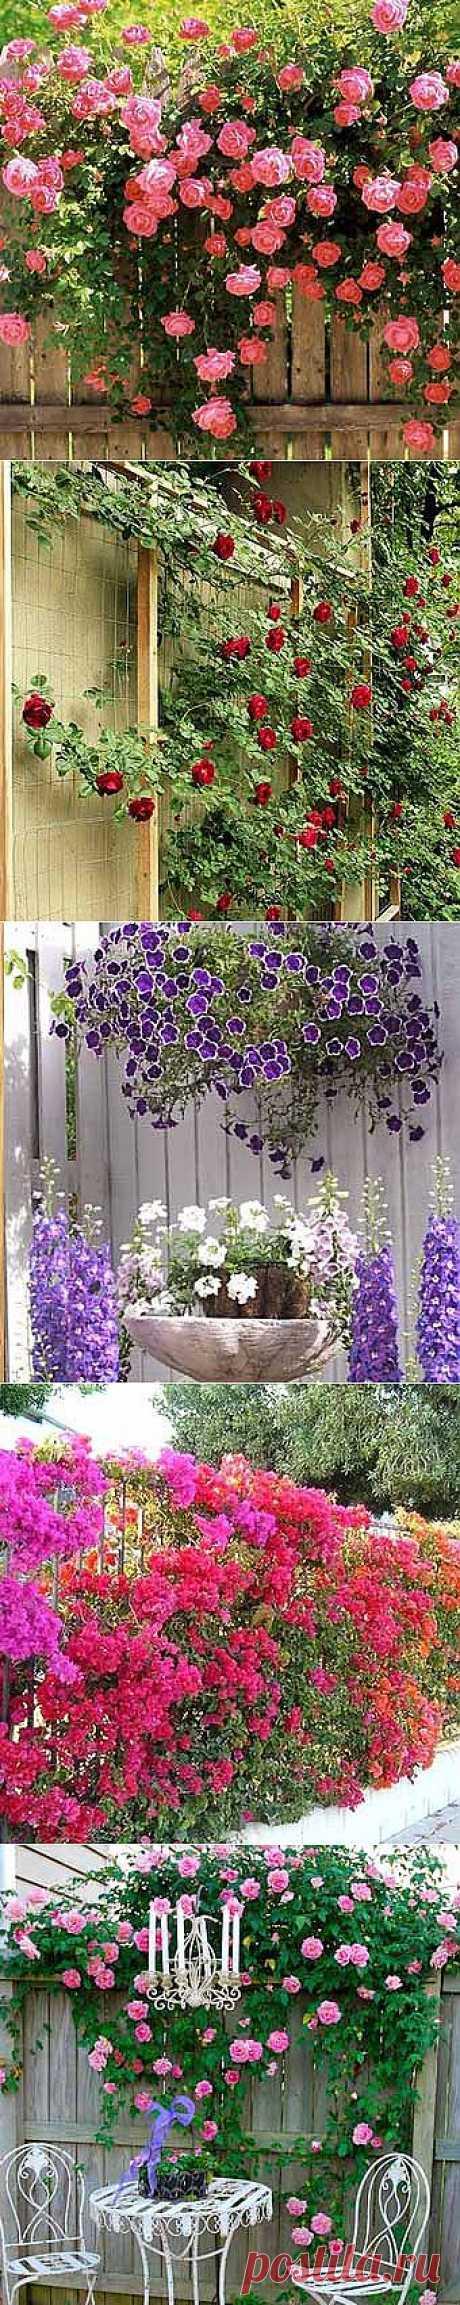 Фото заборов: 35 заборов с цветами - Дача Своими Руками